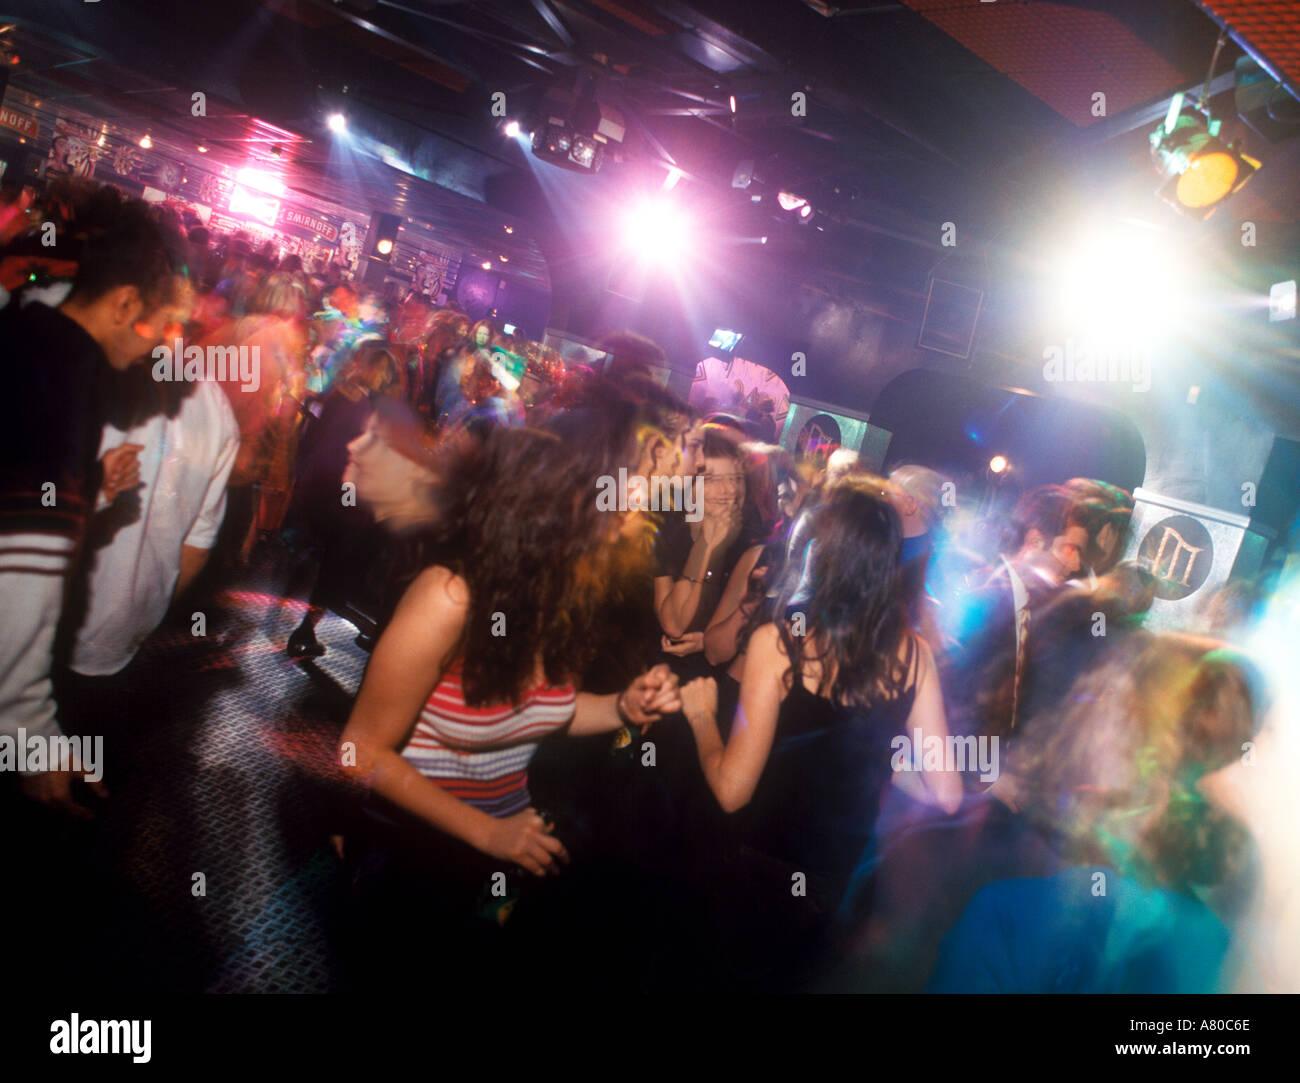 Interno di un night club REGNO UNITO Immagini Stock